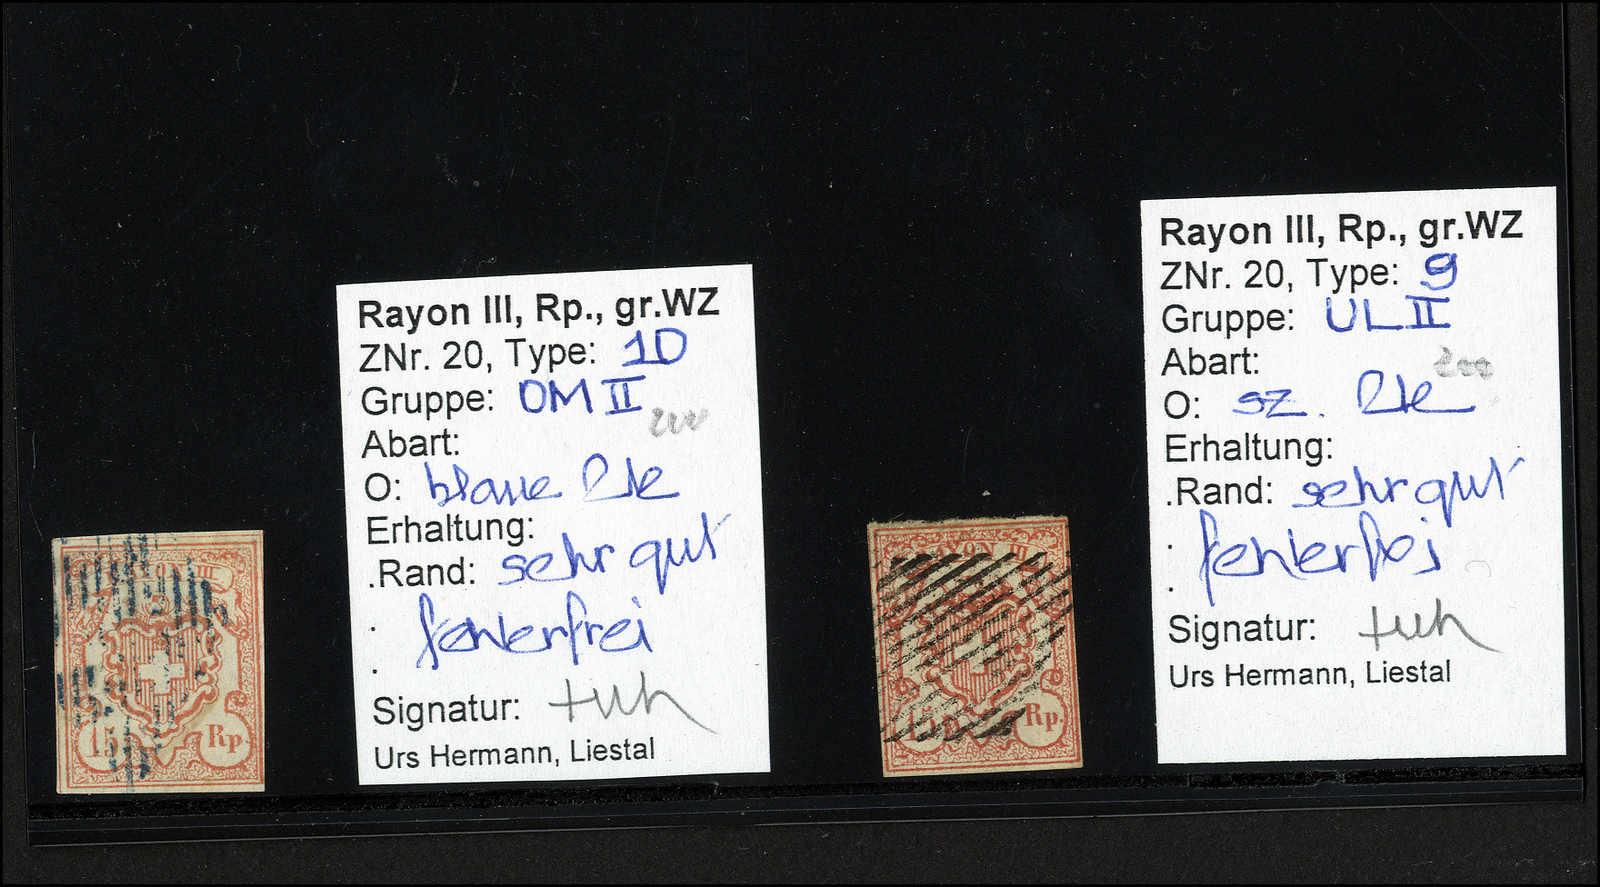 Lot 17 - sammlungen und posten sammlungen und posten altschweiz -  Rolli Auctions Auction #68 Day 1